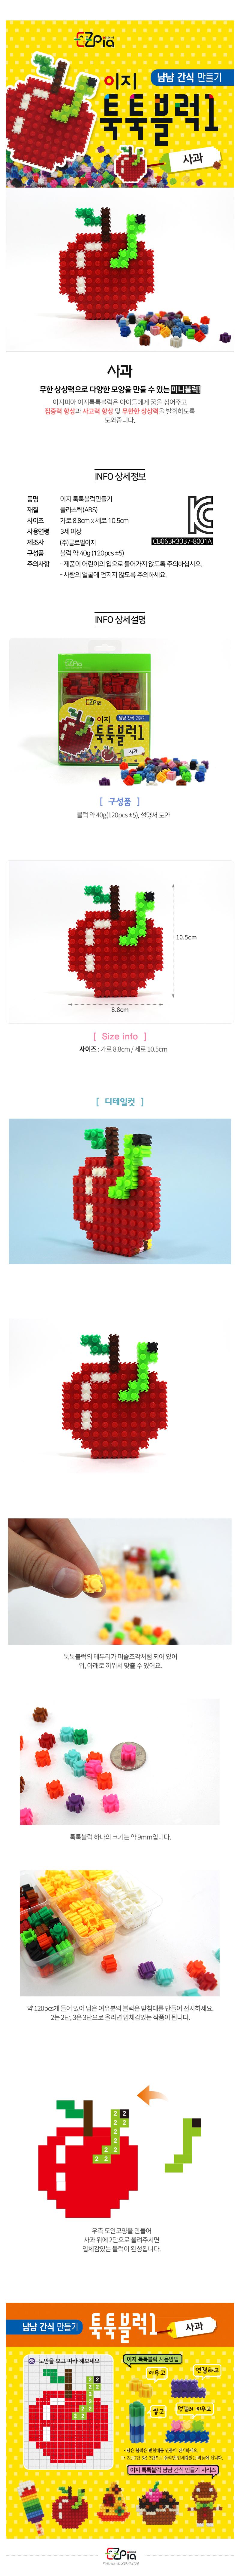 이지 툭툭블럭만들기 (사과)1,770원-이지피아키덜트/취미, 블록/퍼즐, 레고/블록, 블록완구바보사랑이지 툭툭블럭만들기 (사과)1,770원-이지피아키덜트/취미, 블록/퍼즐, 레고/블록, 블록완구바보사랑